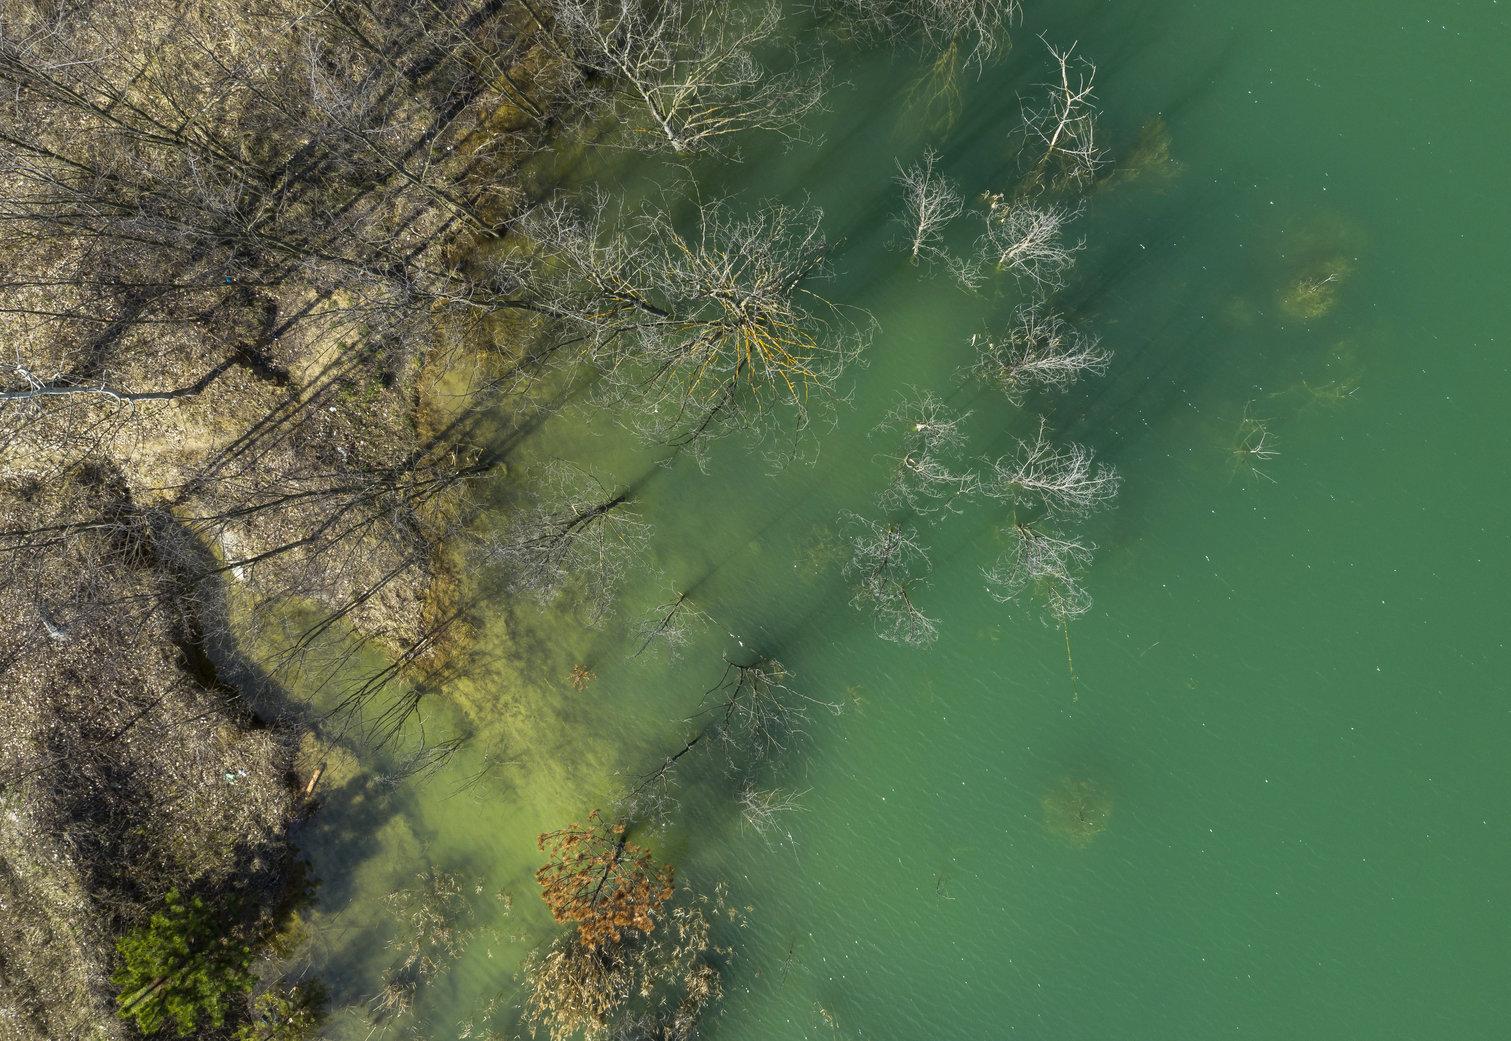 Solymár, 2019. március 21. Bányató Solymár közelében 2019. március 21-én. Az ENSZ március 22-ét nyilvánította a víz világnapjává, amelynek célja a környezet és ezen belül a Föld vízkészletének védelme. MTI/Mohai Balázs